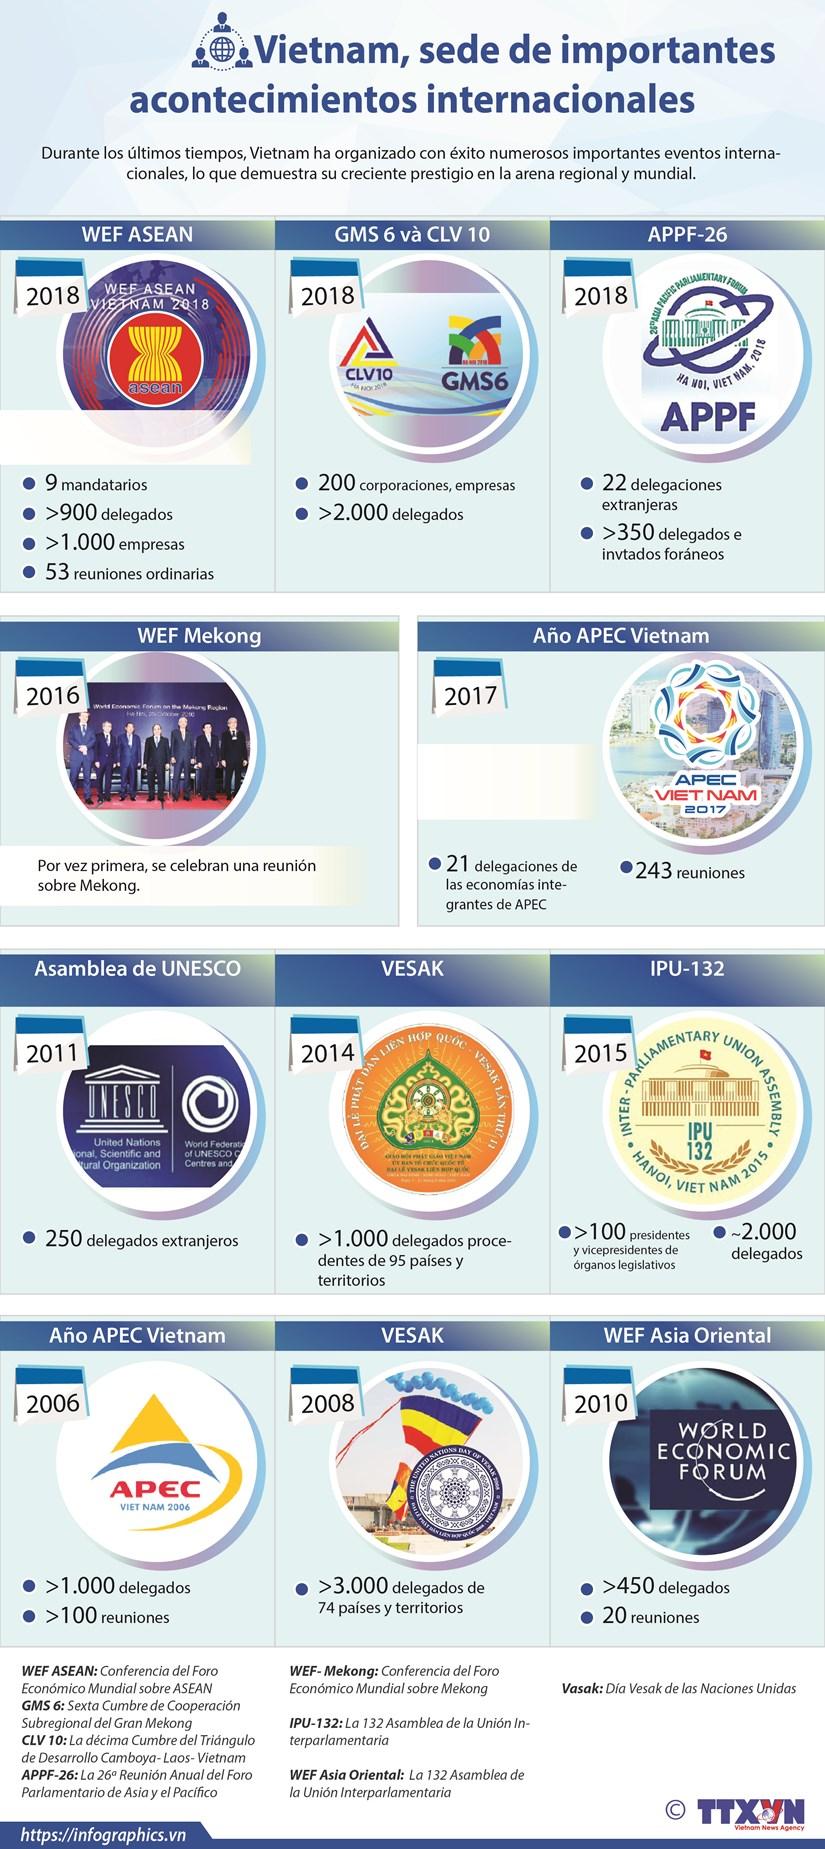 [Info] Vietnam, sede de importantes acontecimientos internacionales hinh anh 1